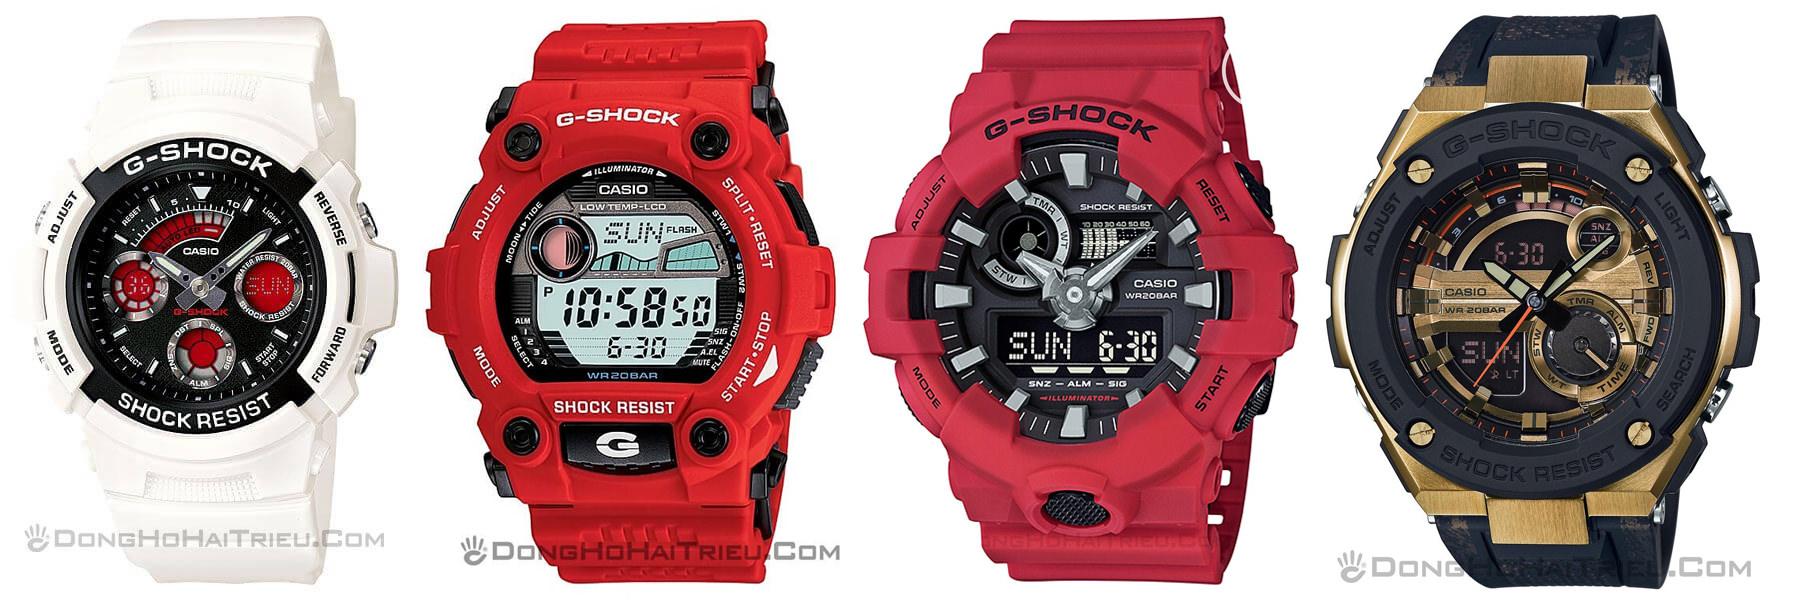 Hướng Dẫn Cách Tắt Báo Thức Đồng Hồ G-Shock Cực Dễ Nút Bấm